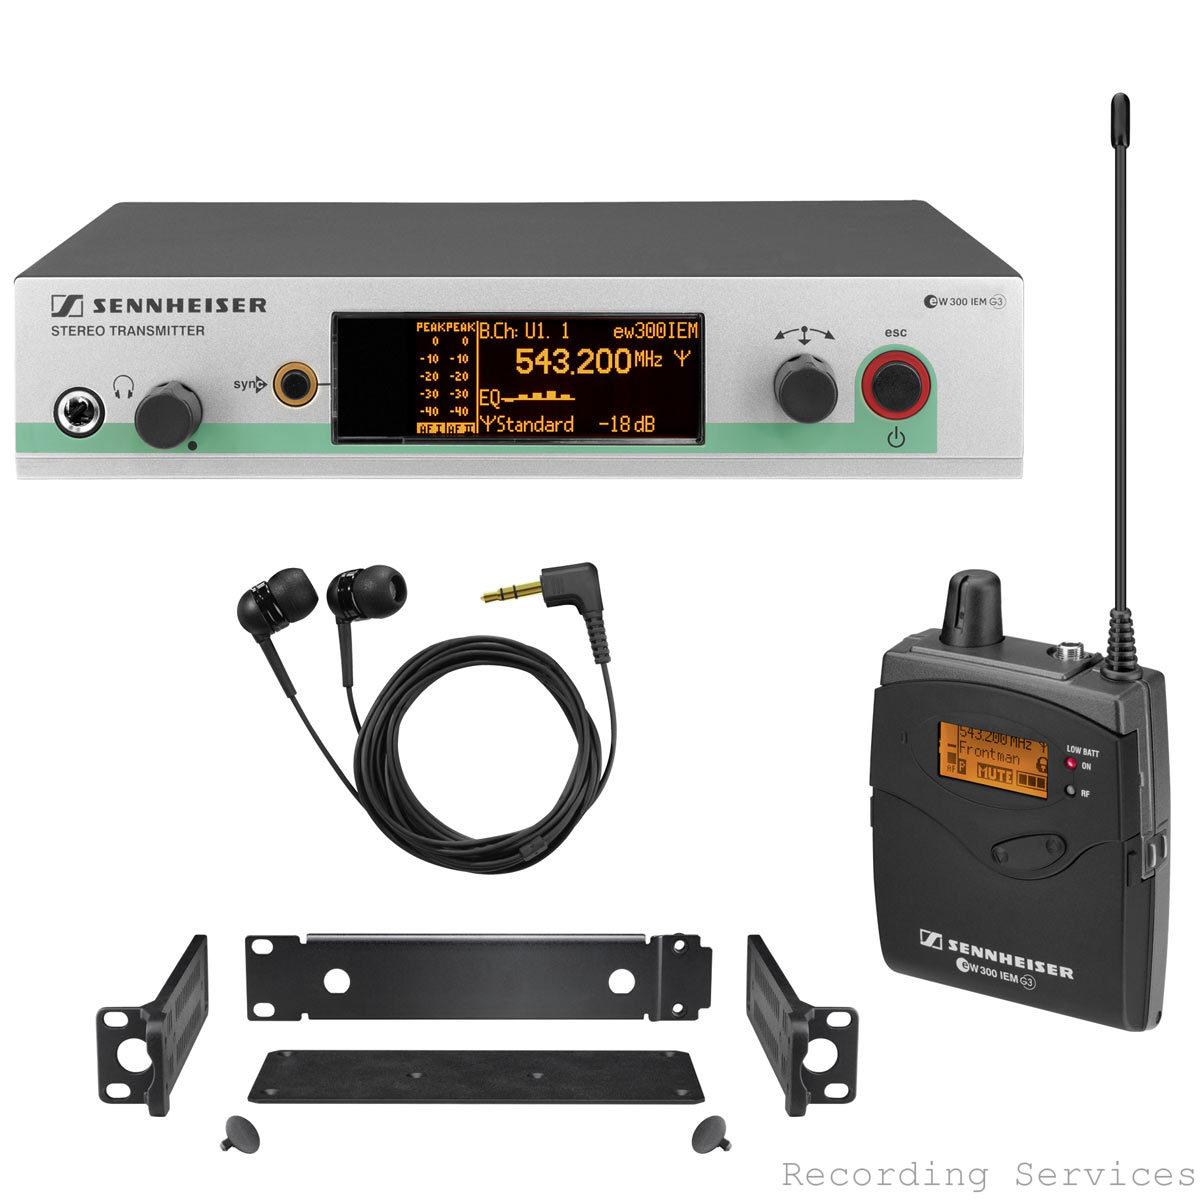 Sennheiser ew 300 IEM G3 In-Ear Wireless Monitor S